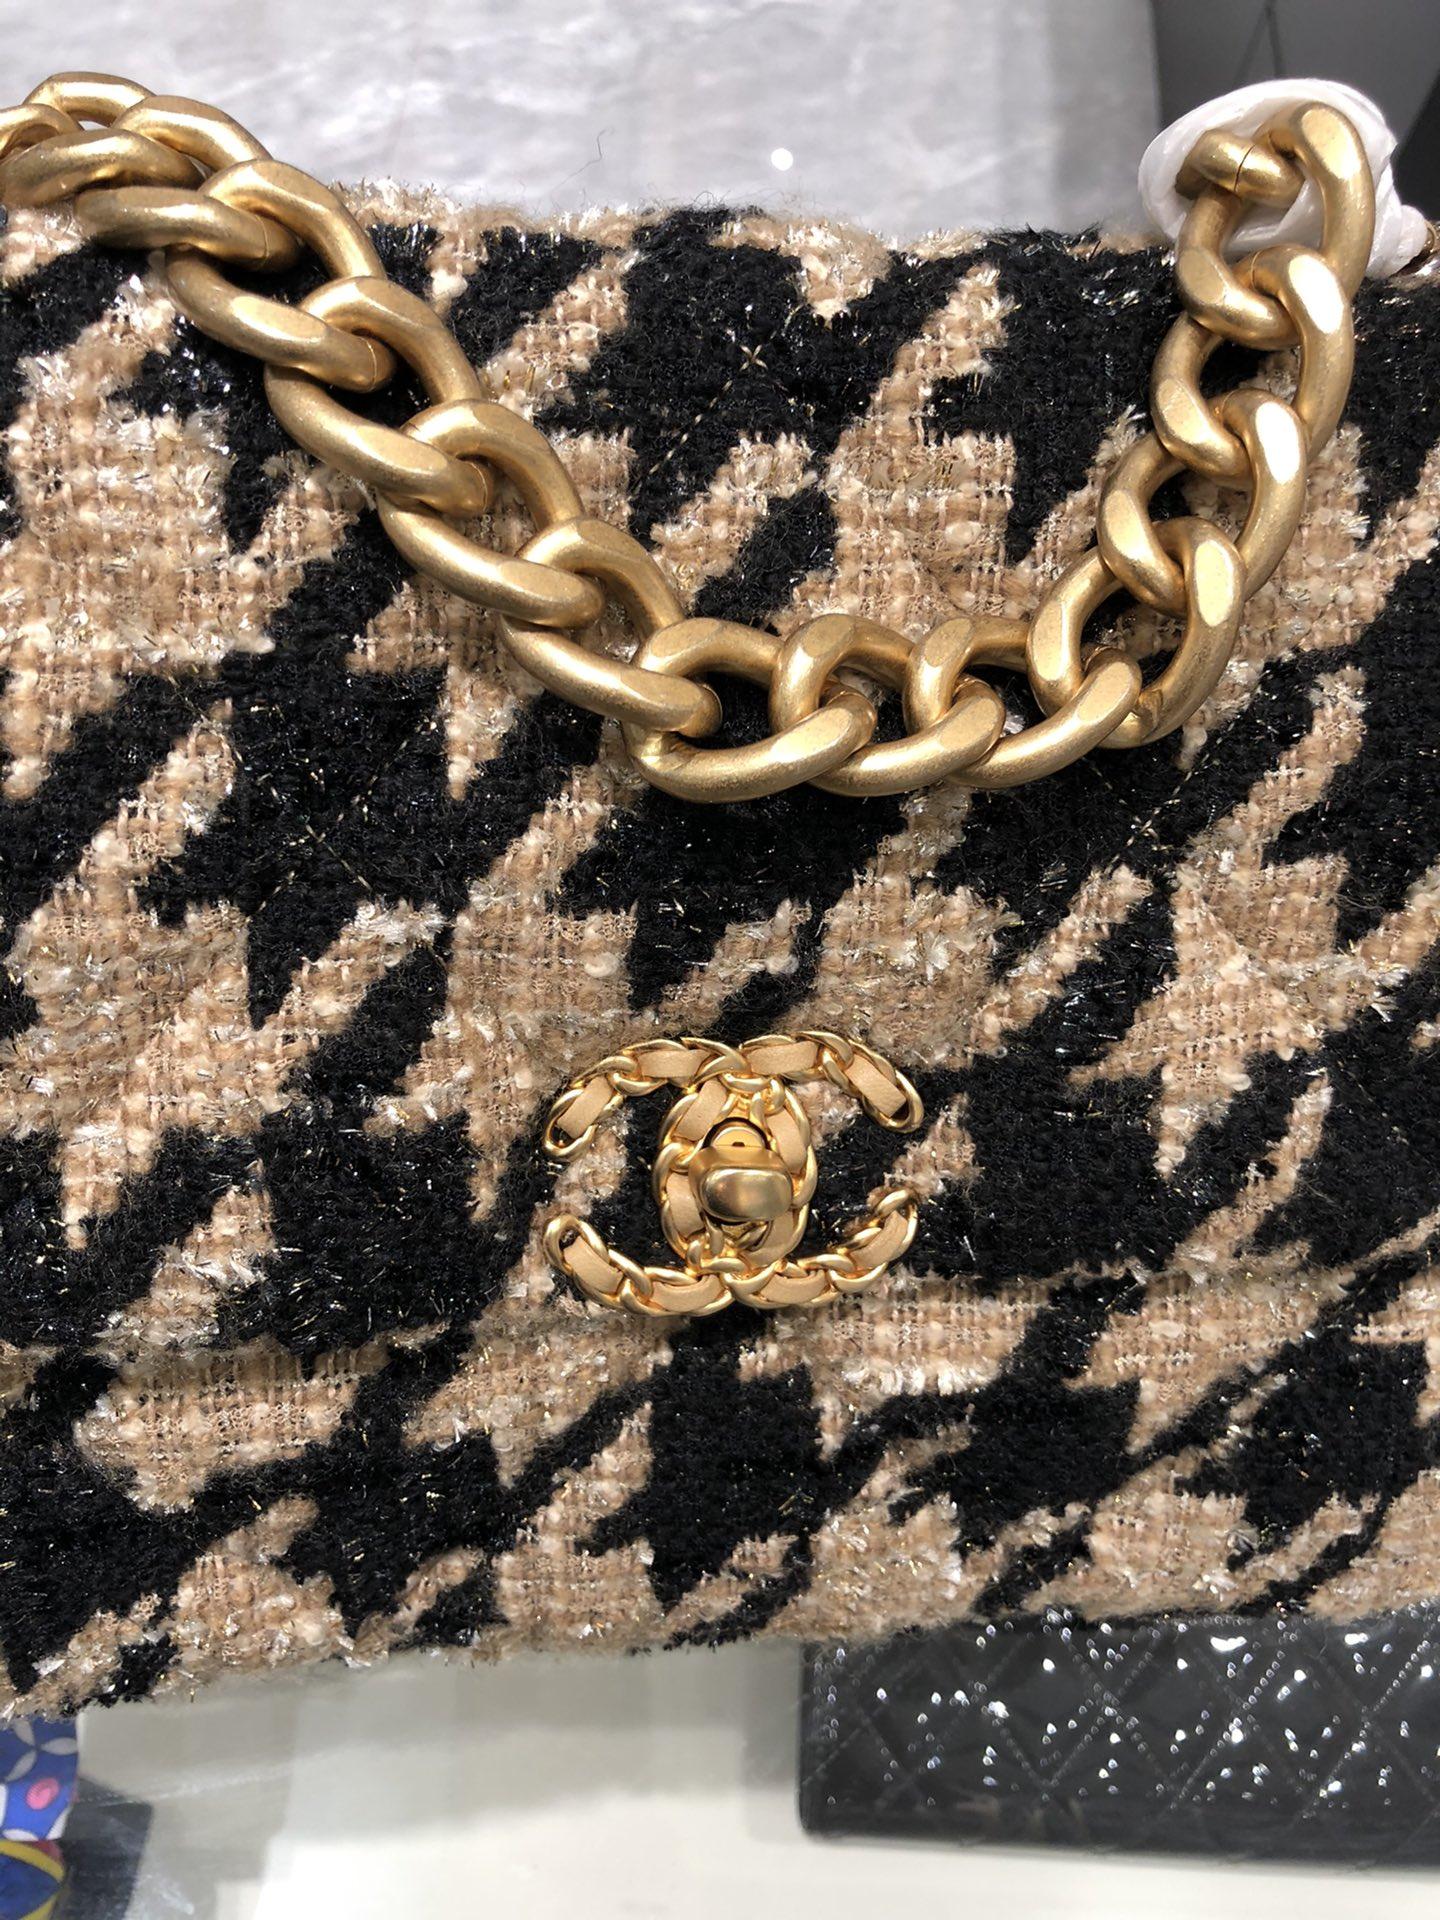 【正品级】 Chanel 2019 秋冬千鸟格系列  20:30:10 全套包装